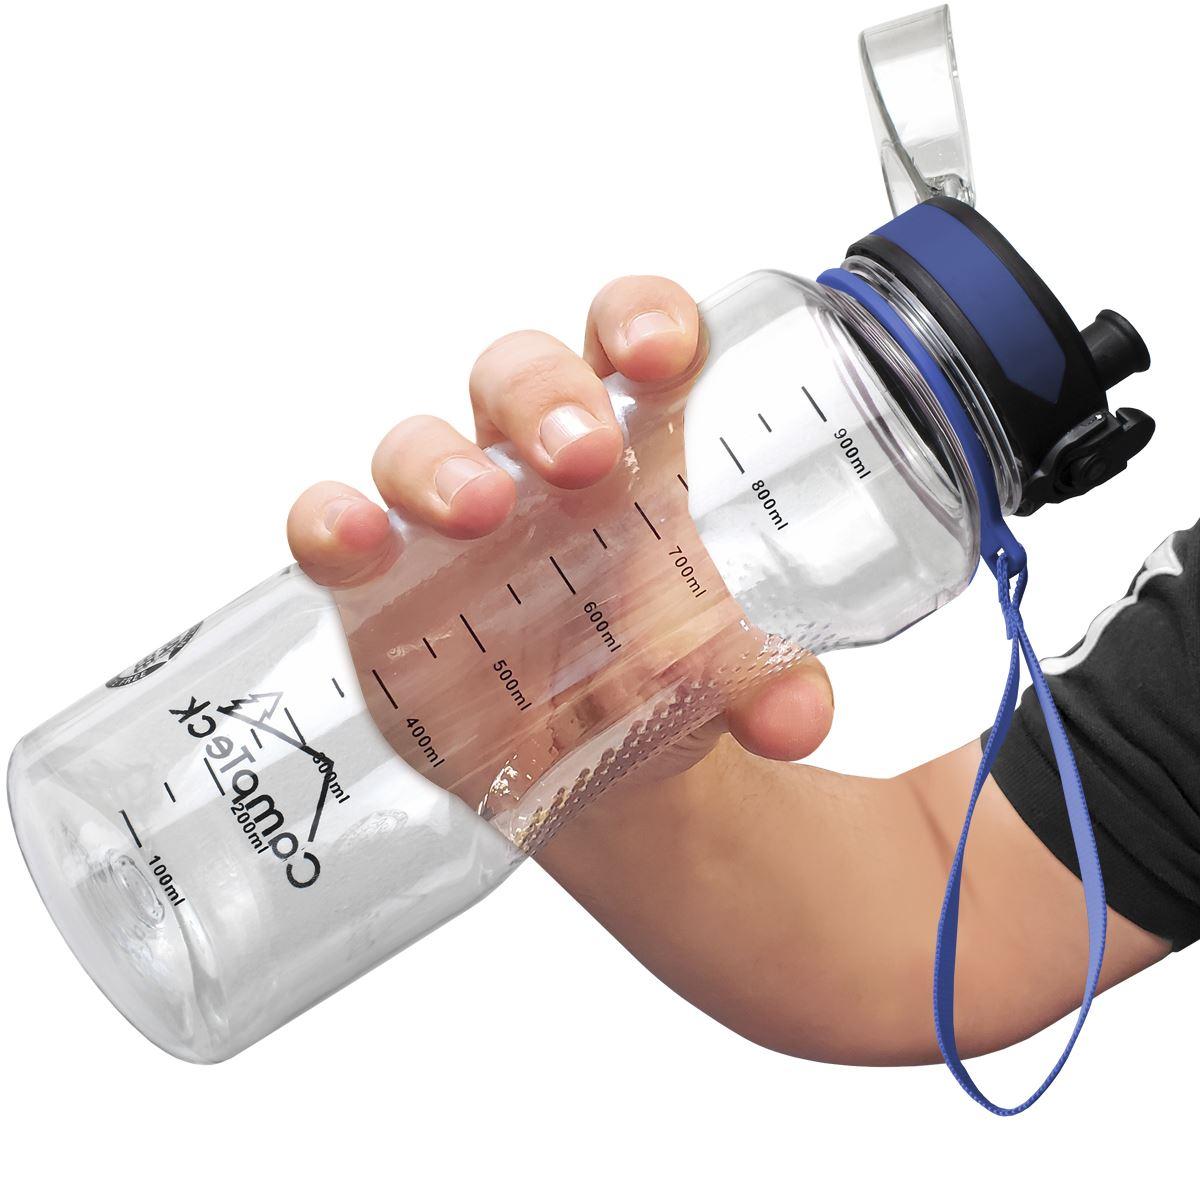 Details about  /Sports 1 Litre Water Bottle 1000ml BPA Free Leak Proof Drinks Flip Lock Lid